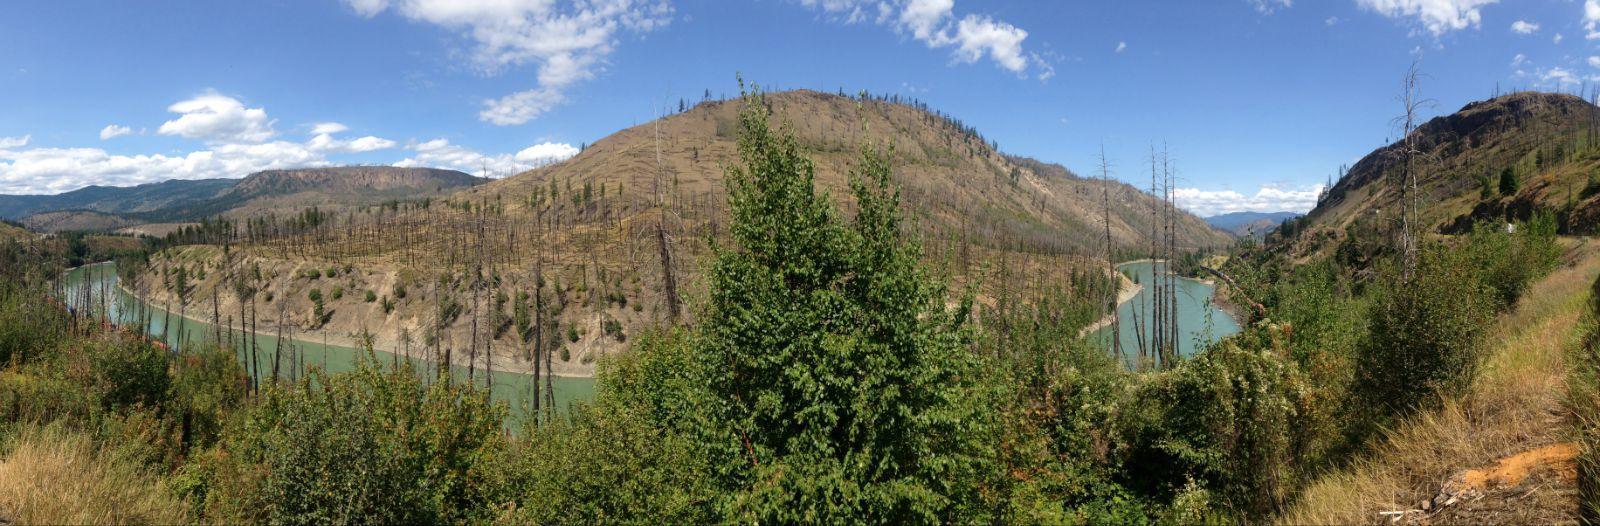 远处山上被山火烧毁的森林